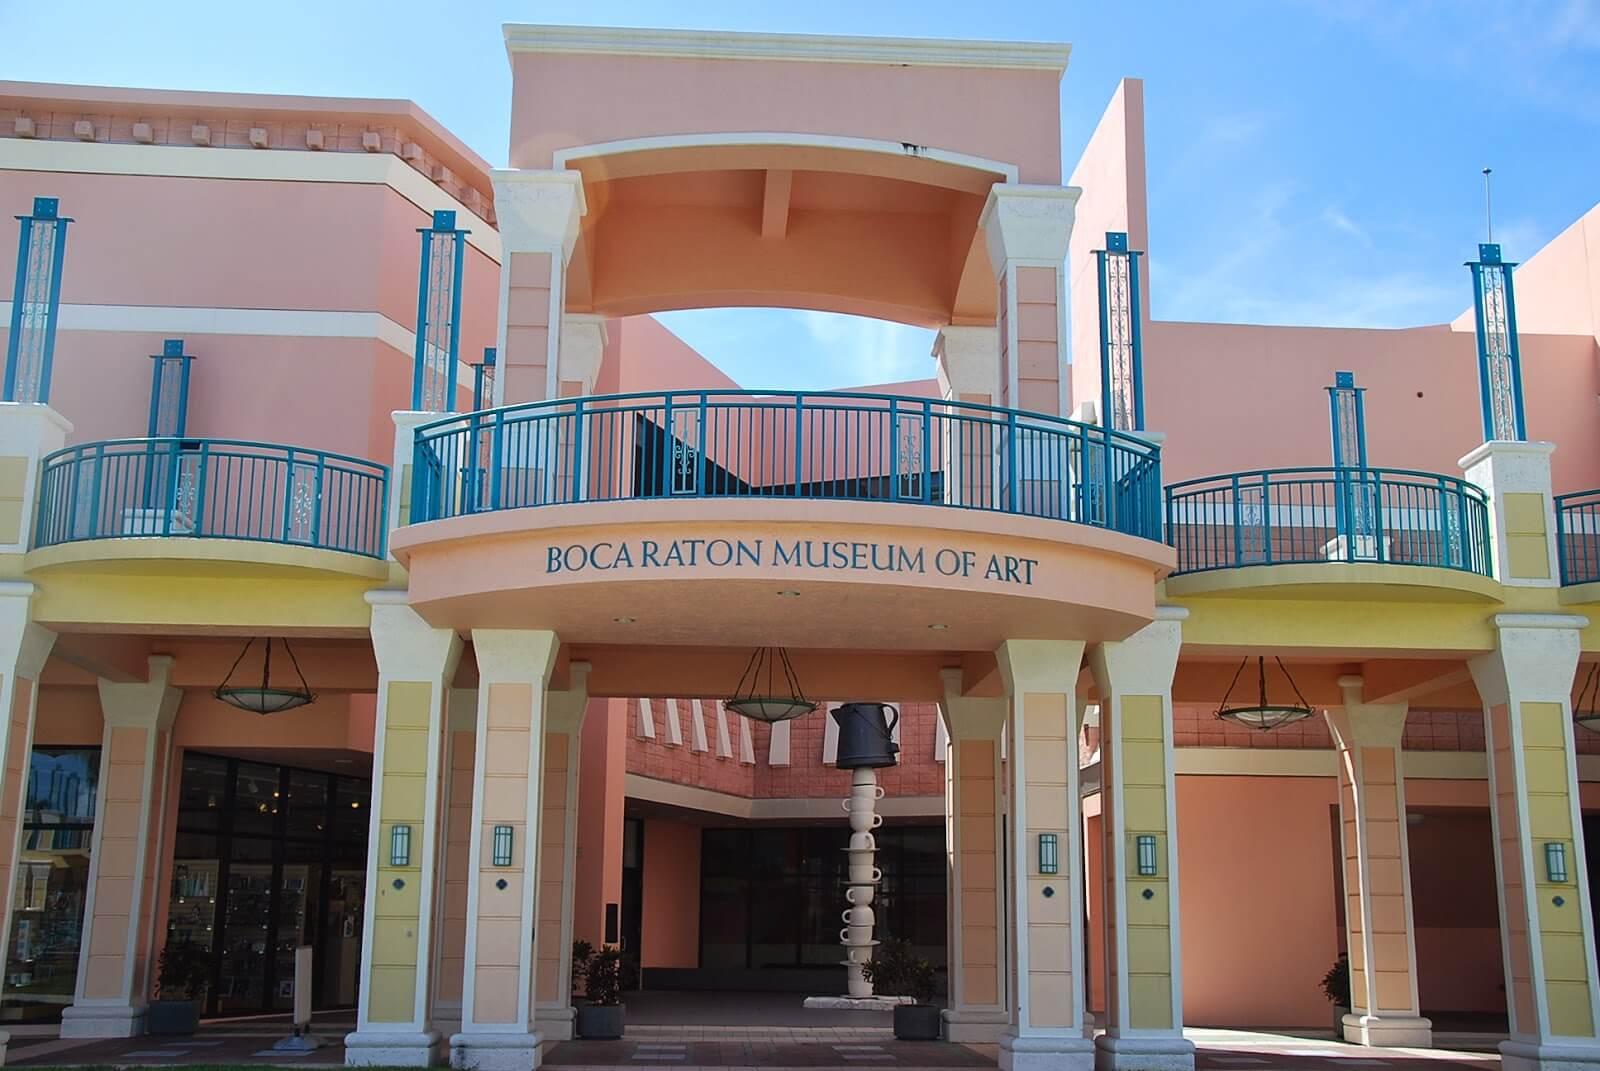 Pontos turísticos em Boca Raton: Boca Raton Museum of Art